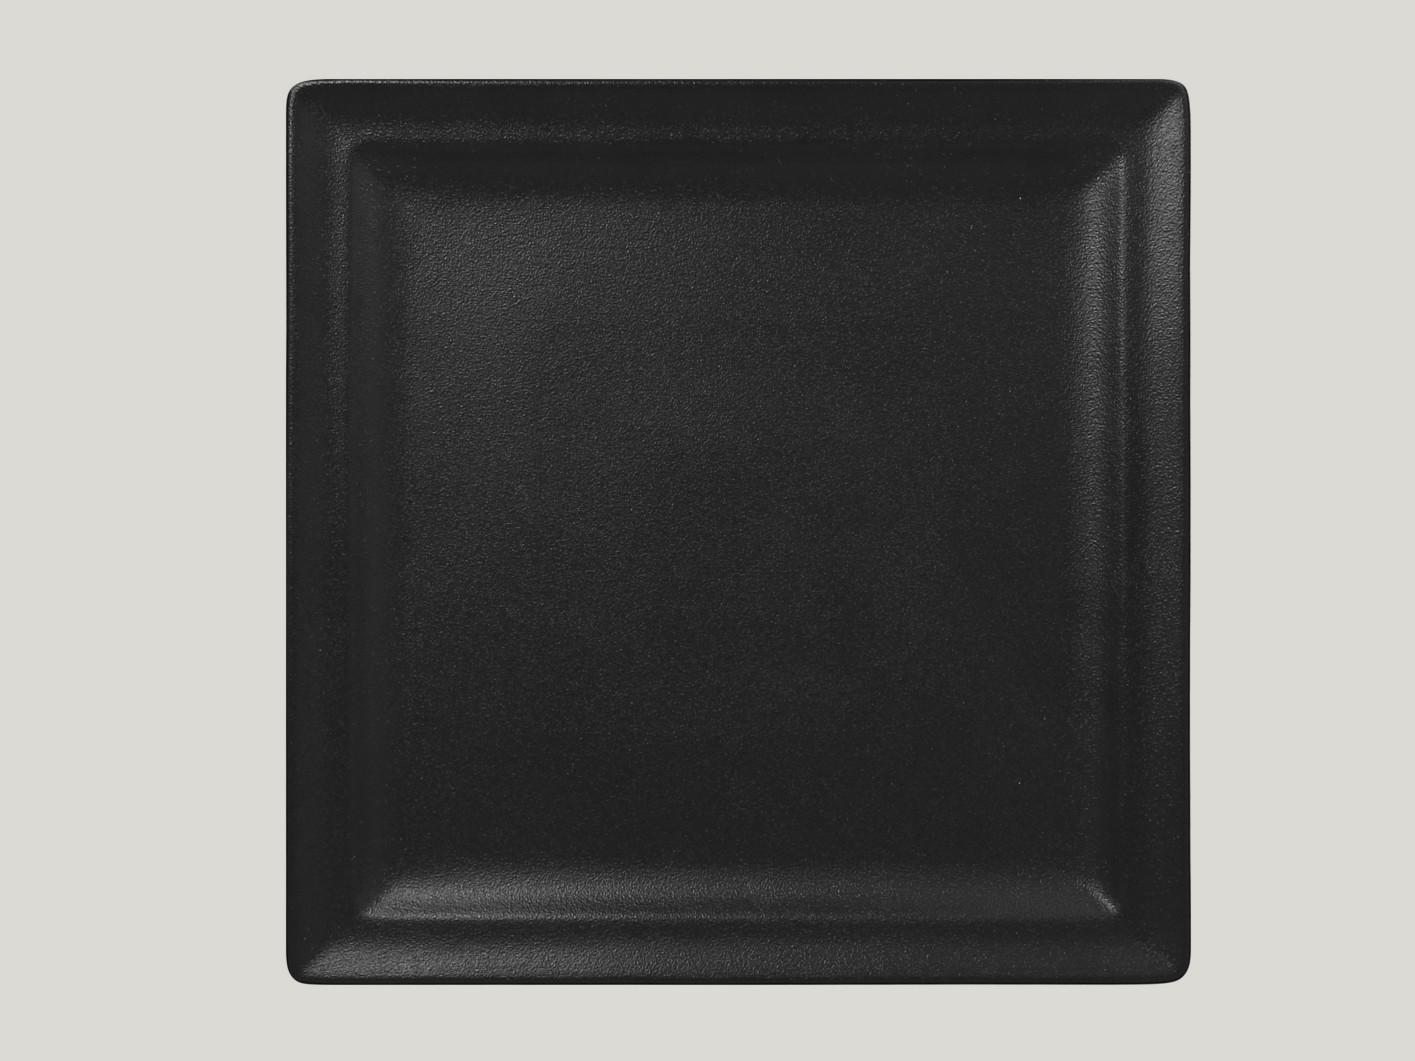 Čtvercový mělký talíř - černá Neofusion